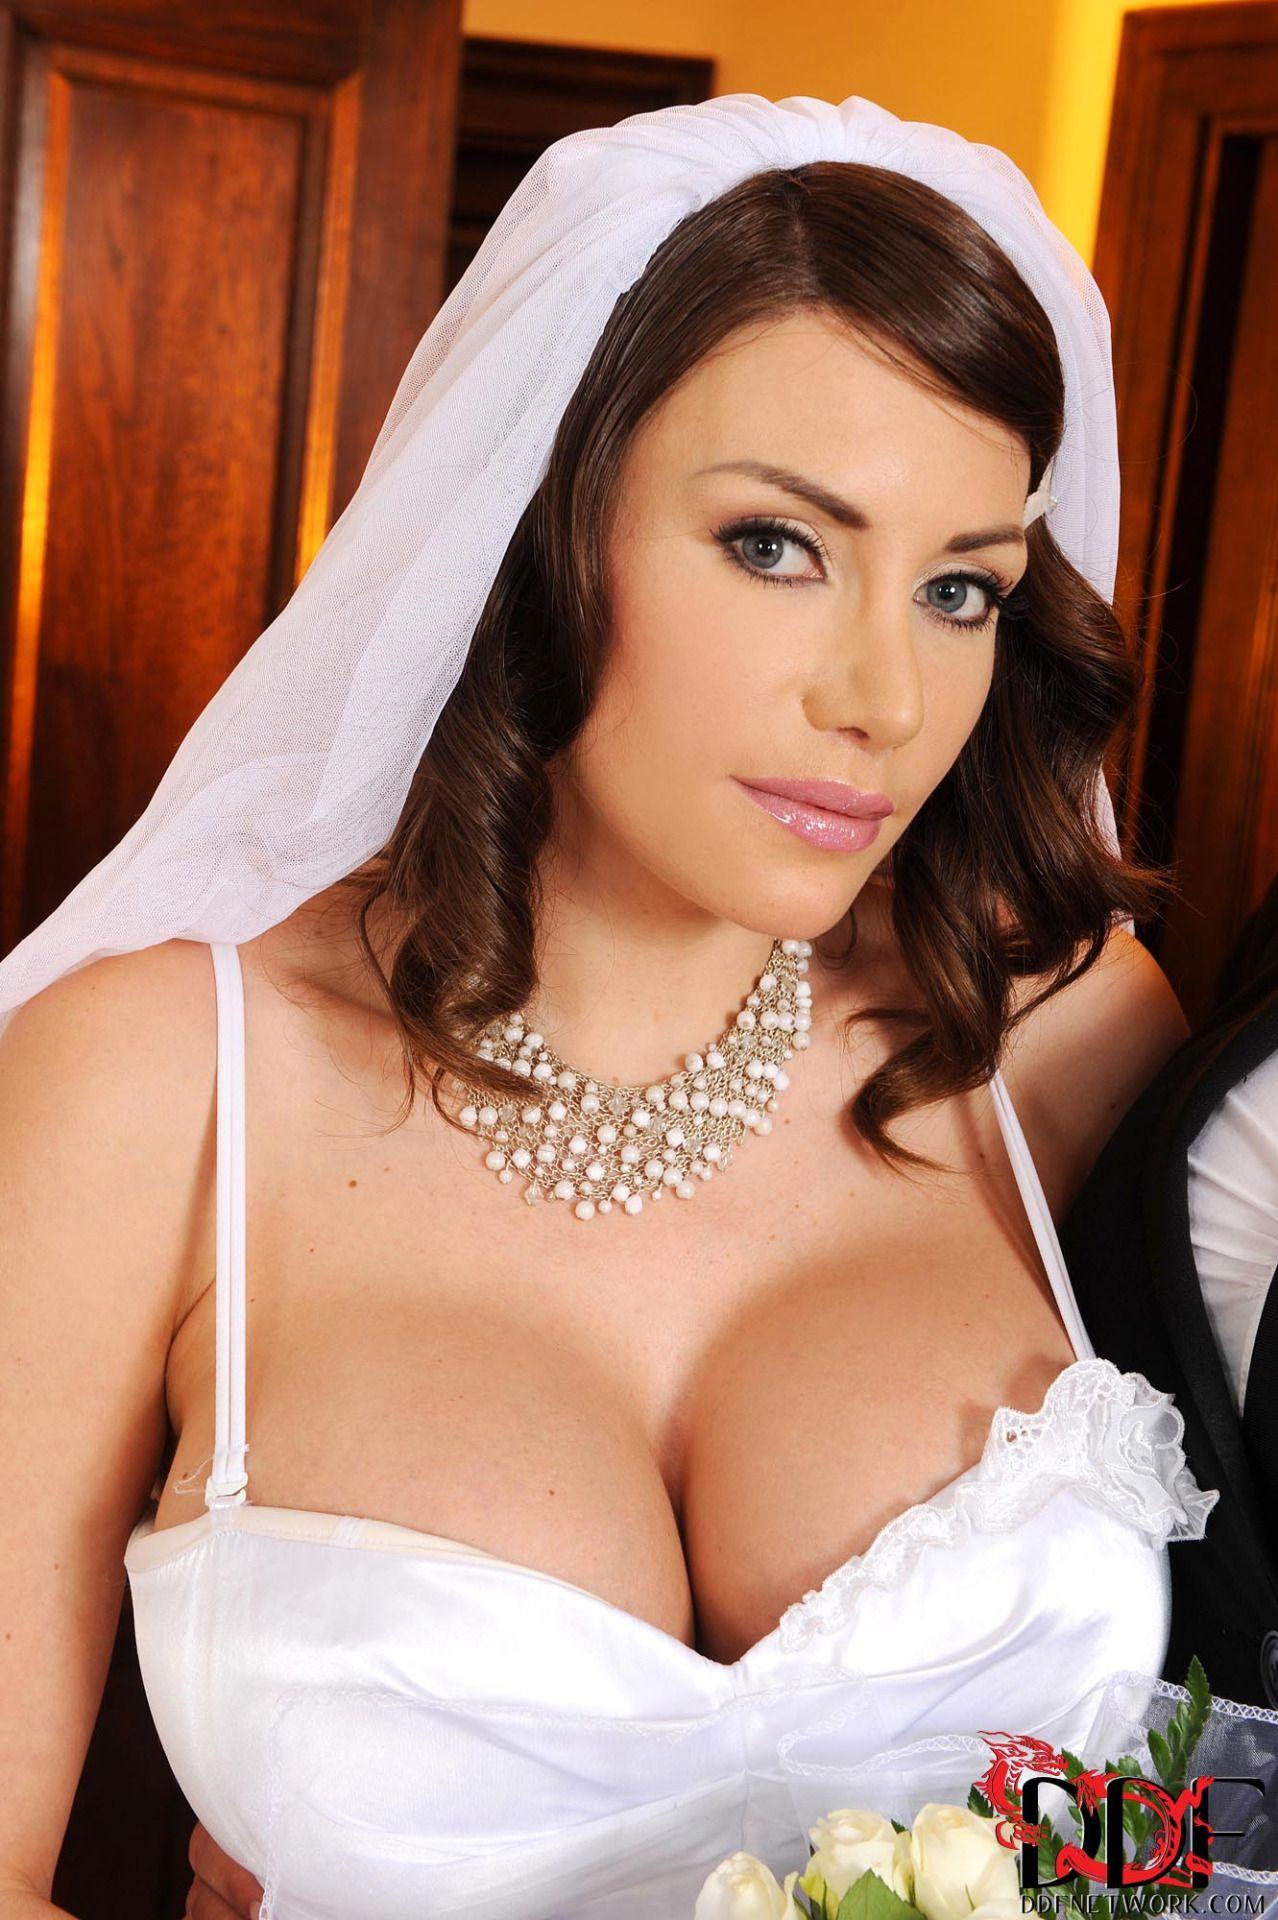 At The Wedding  Модели, Актрисы, Певицы-4804